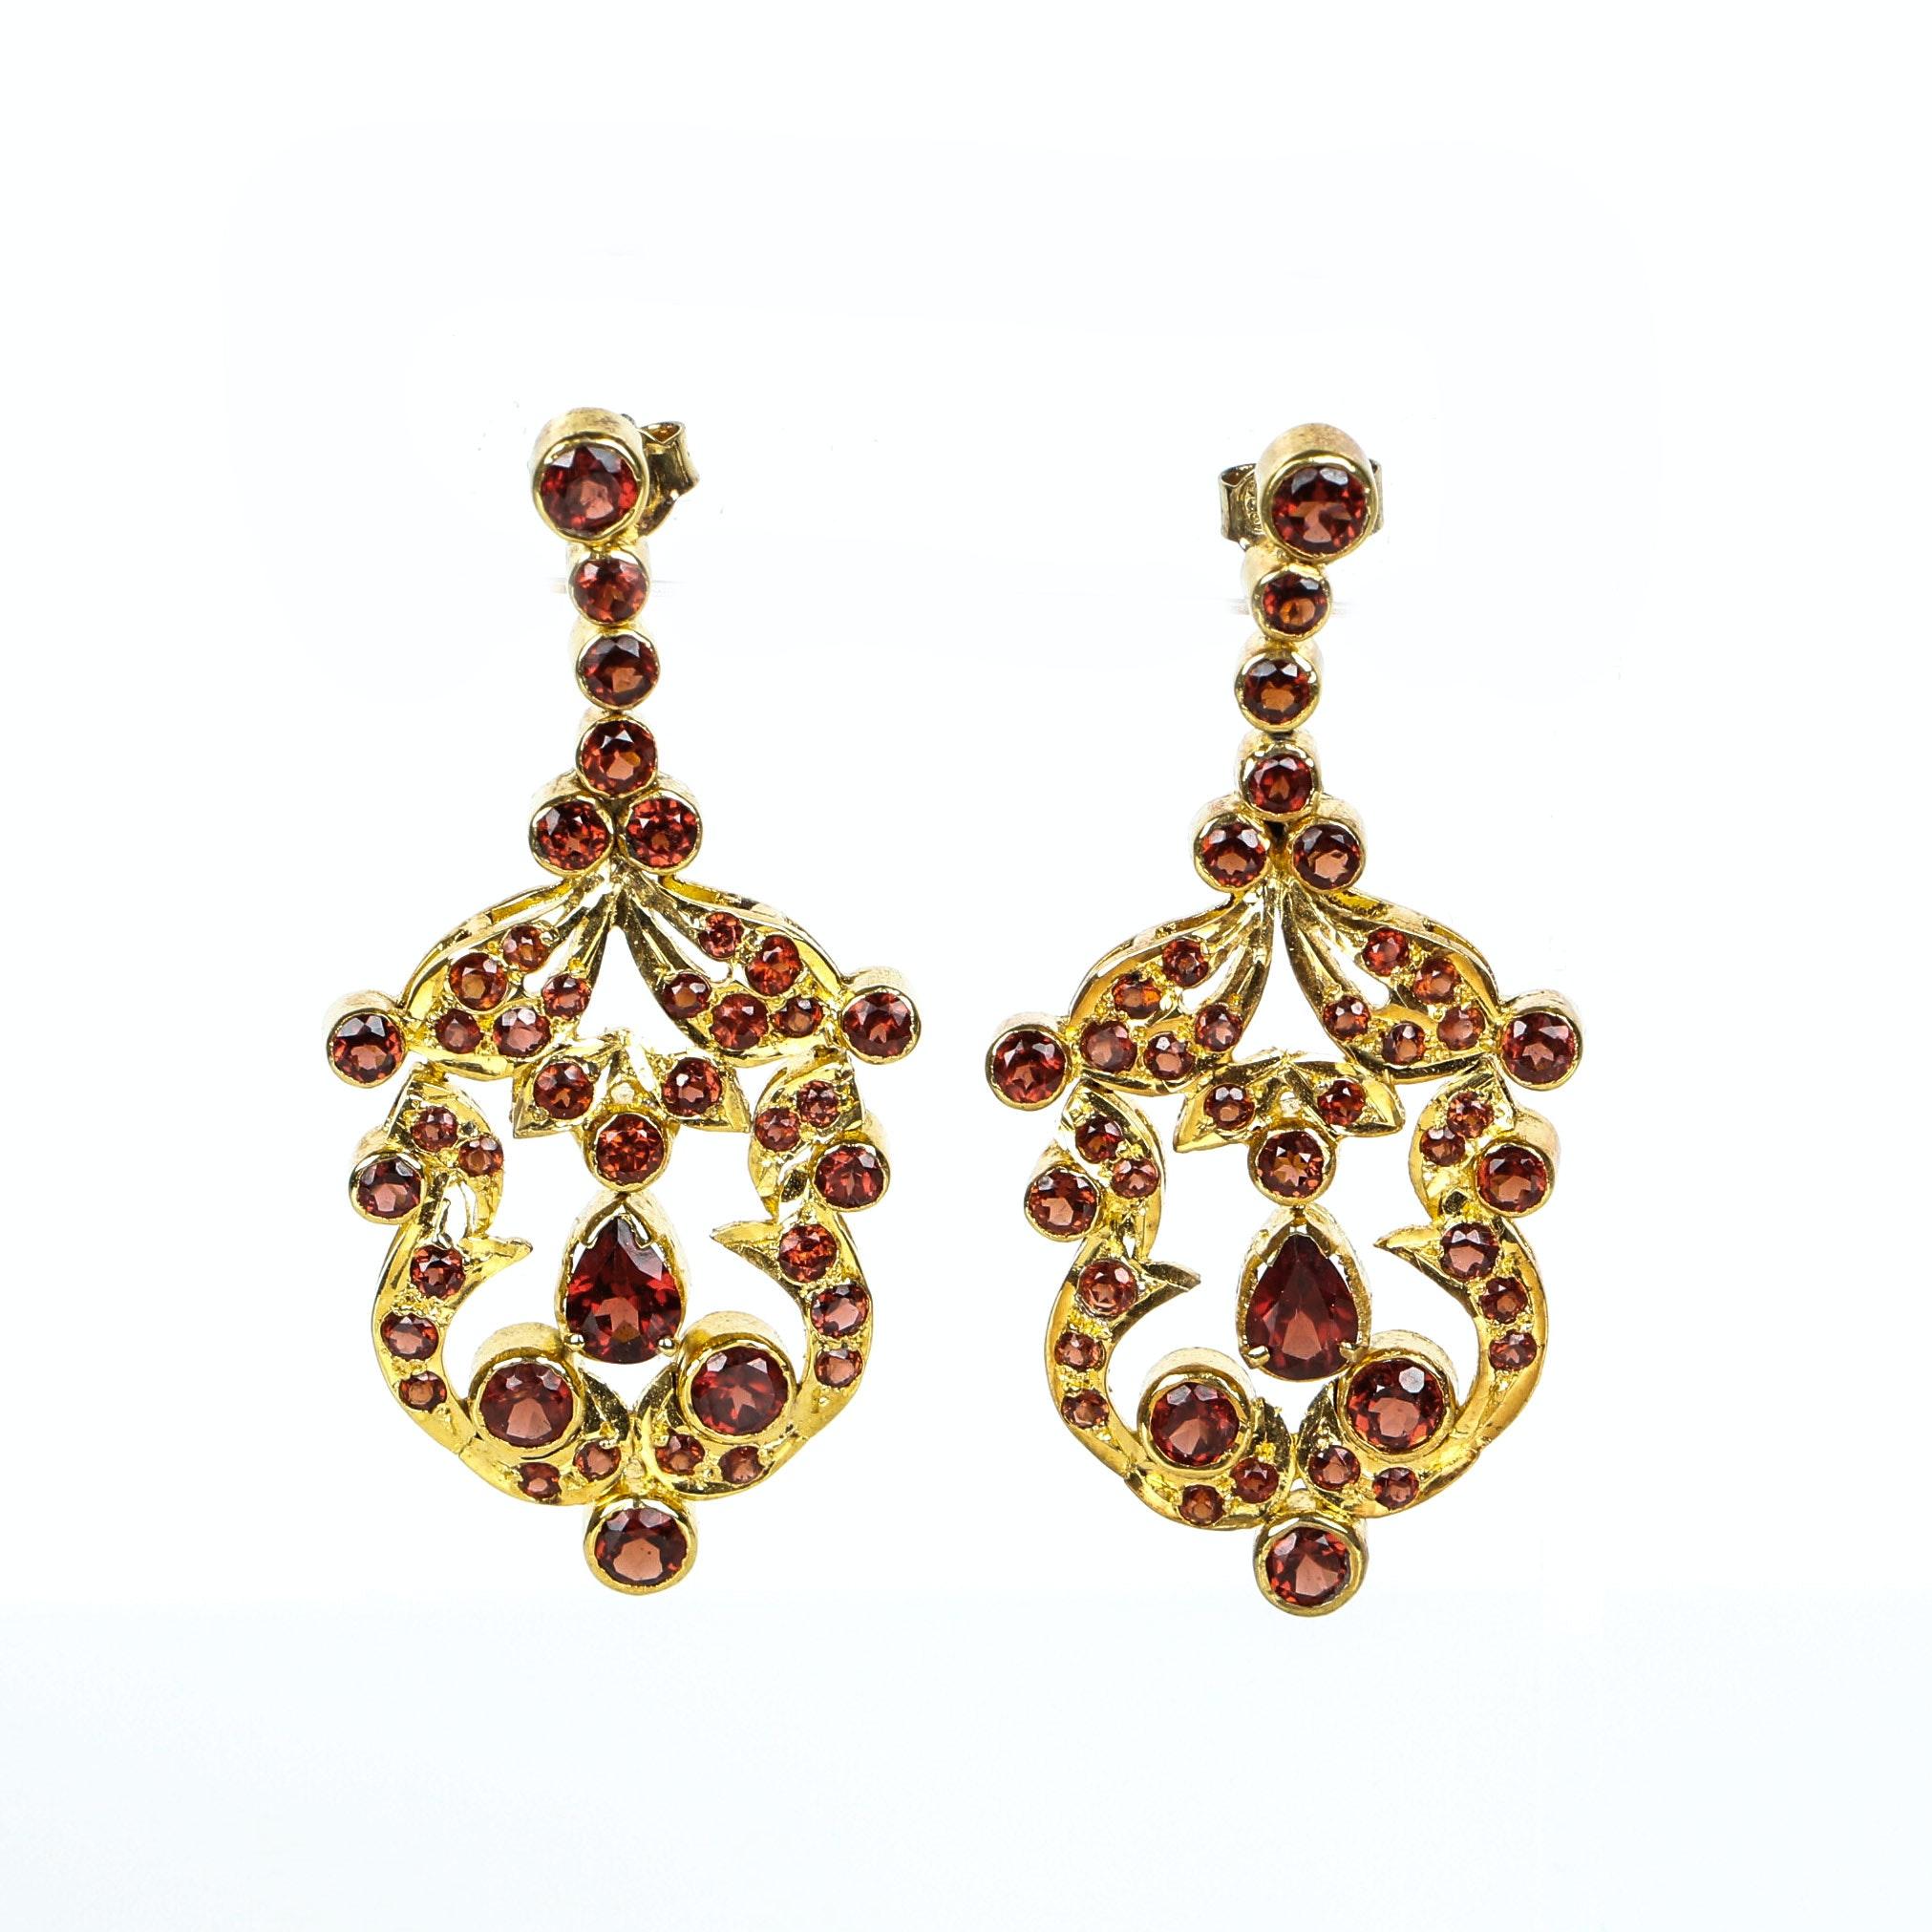 Vintage Garnet Chandelier Earrings Mounted in Vermeil